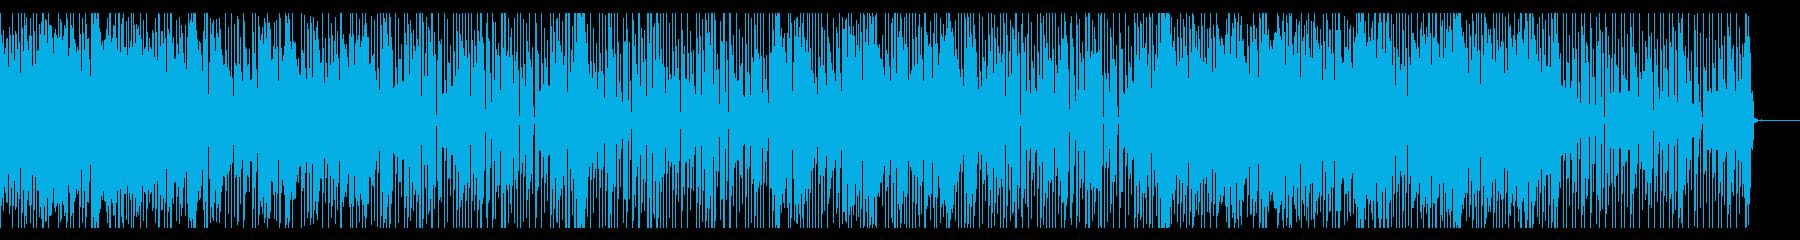 不穏・焦りの気持ちが表現されたBGMの再生済みの波形